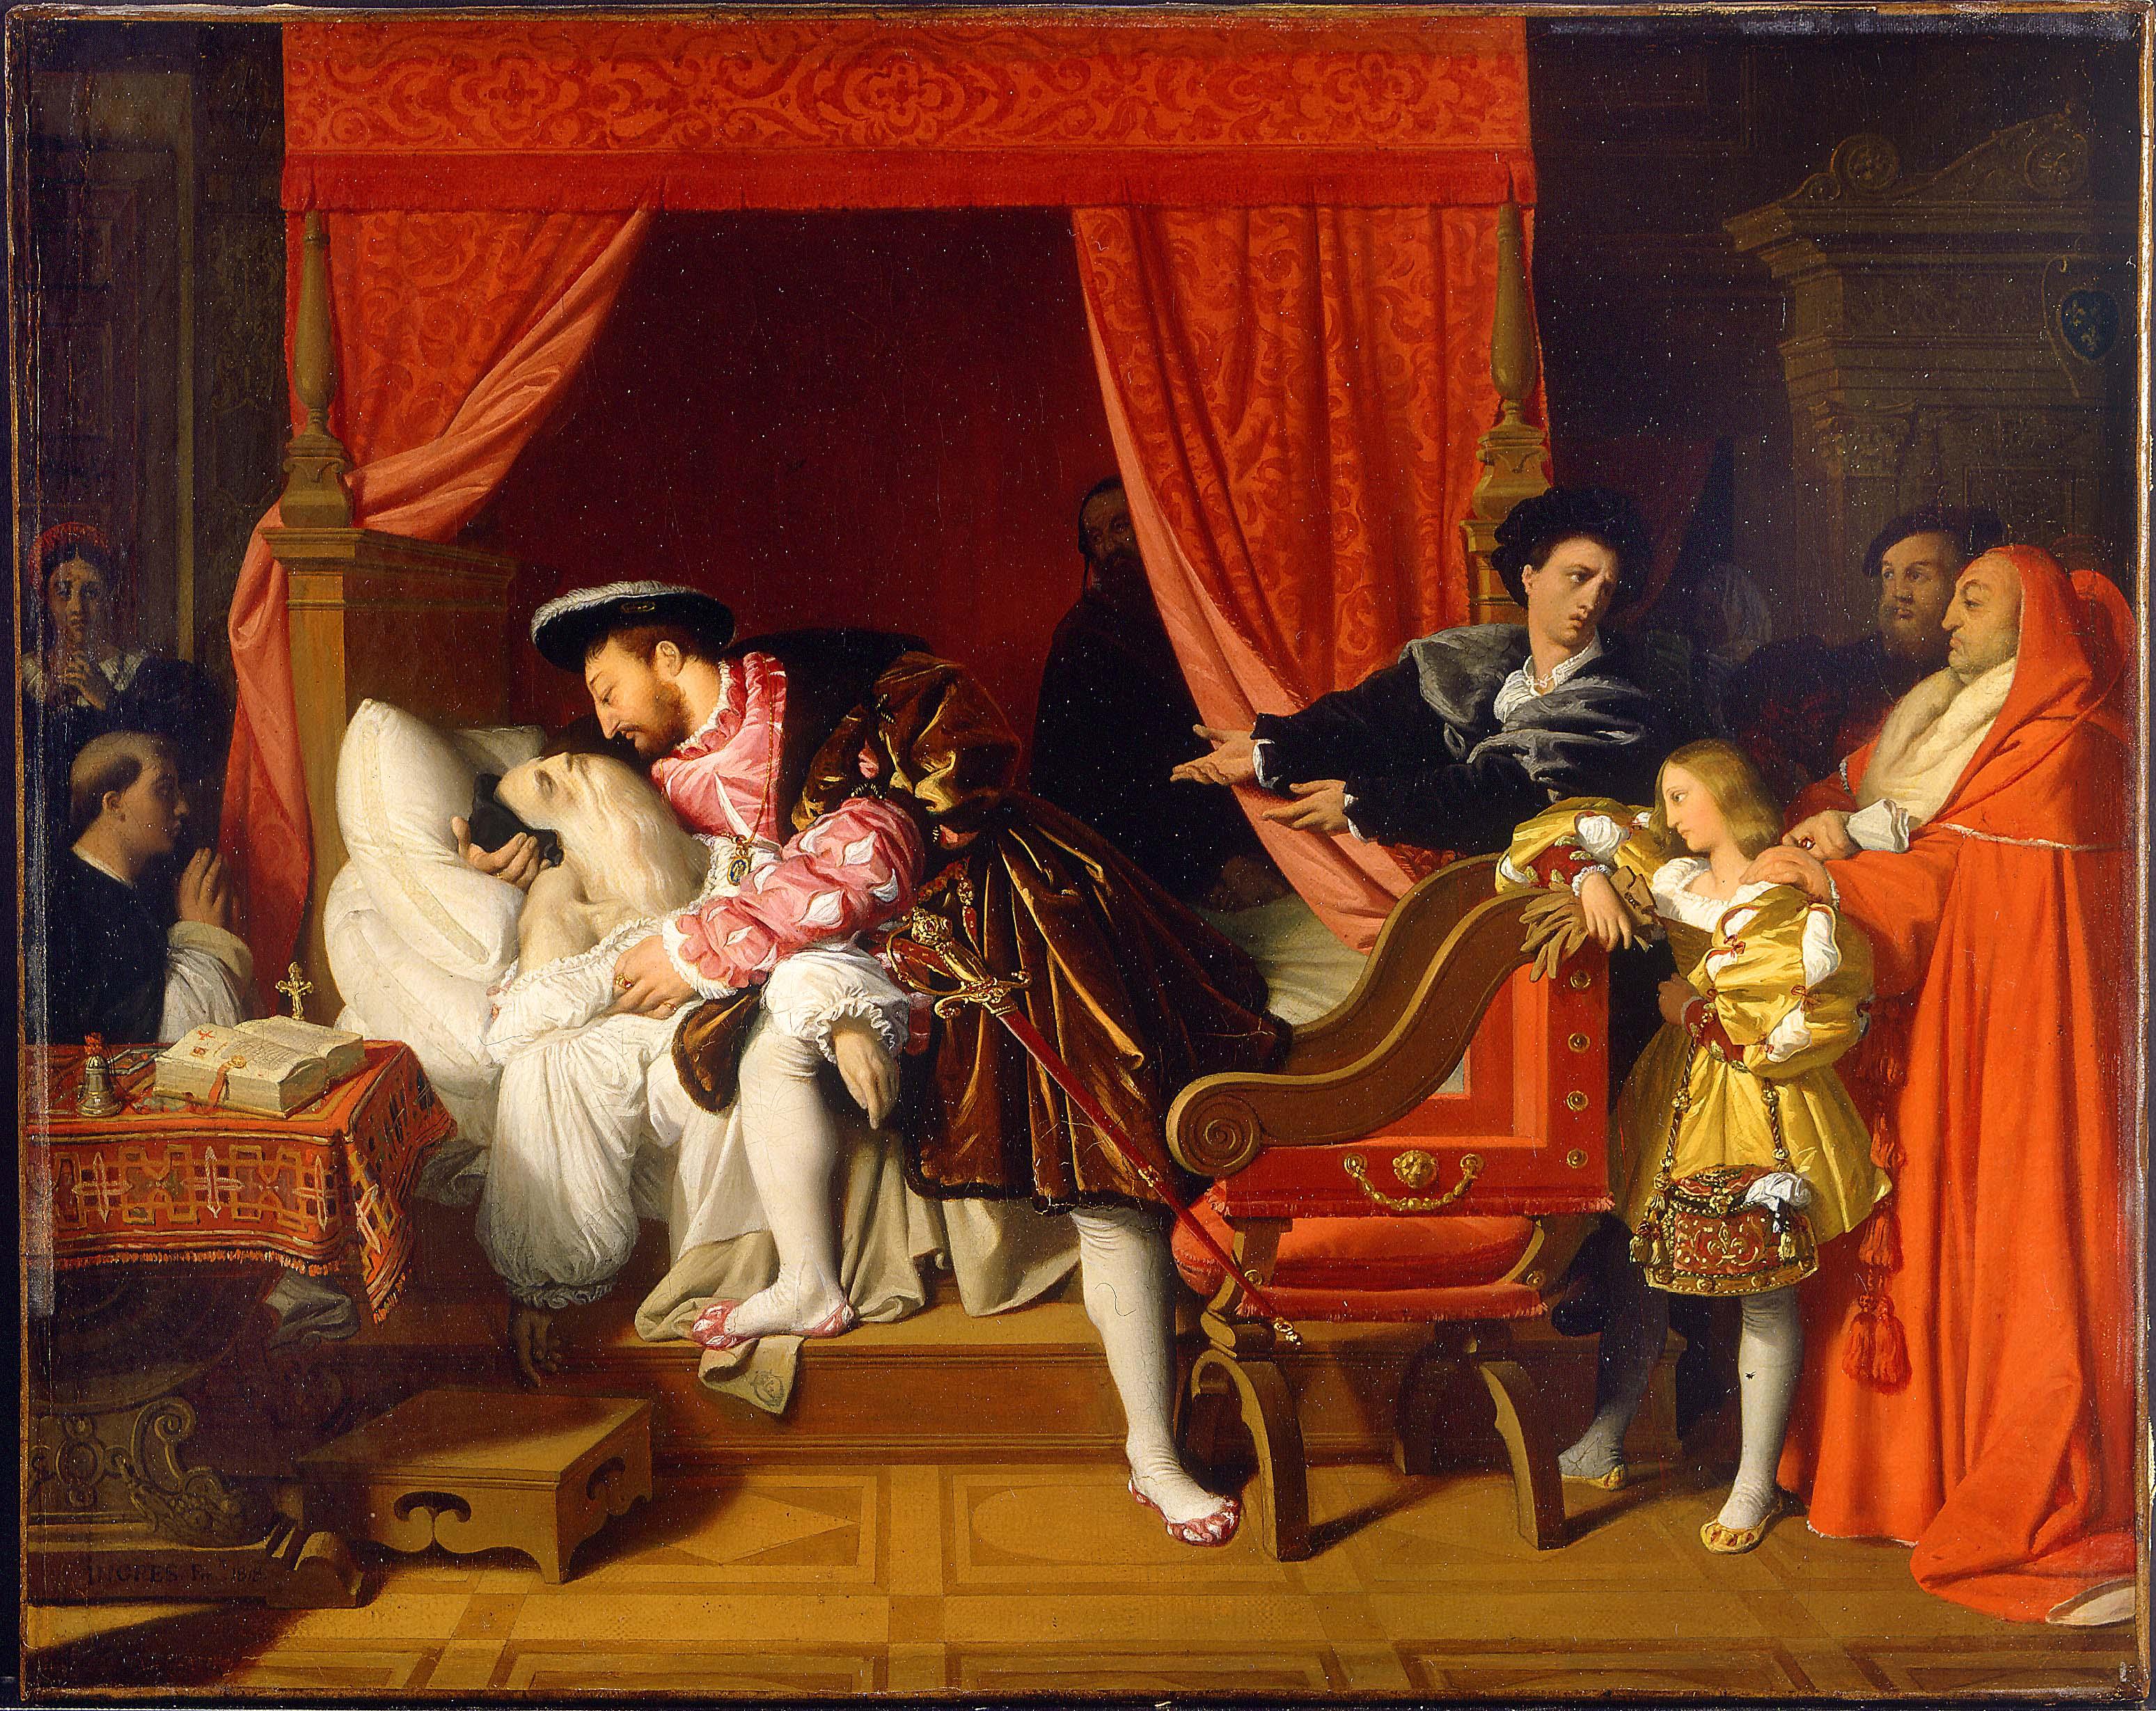 Ingres - François 1er reçoit les derniers soupirs de Léonard de Vinci